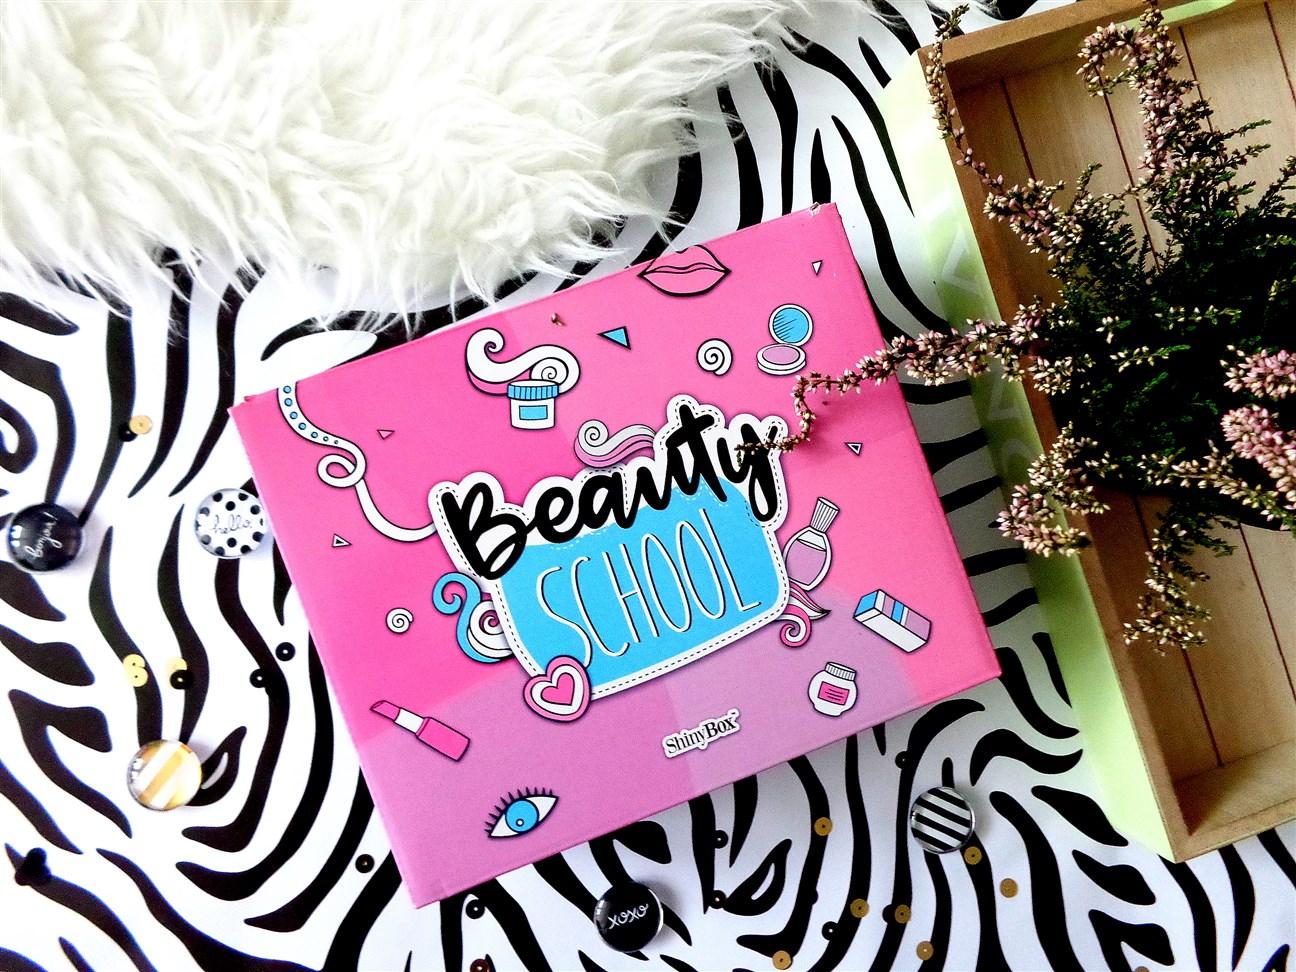 zdjęcie przedstawiające Shinybox wrzesień 2017 Beauty Schol